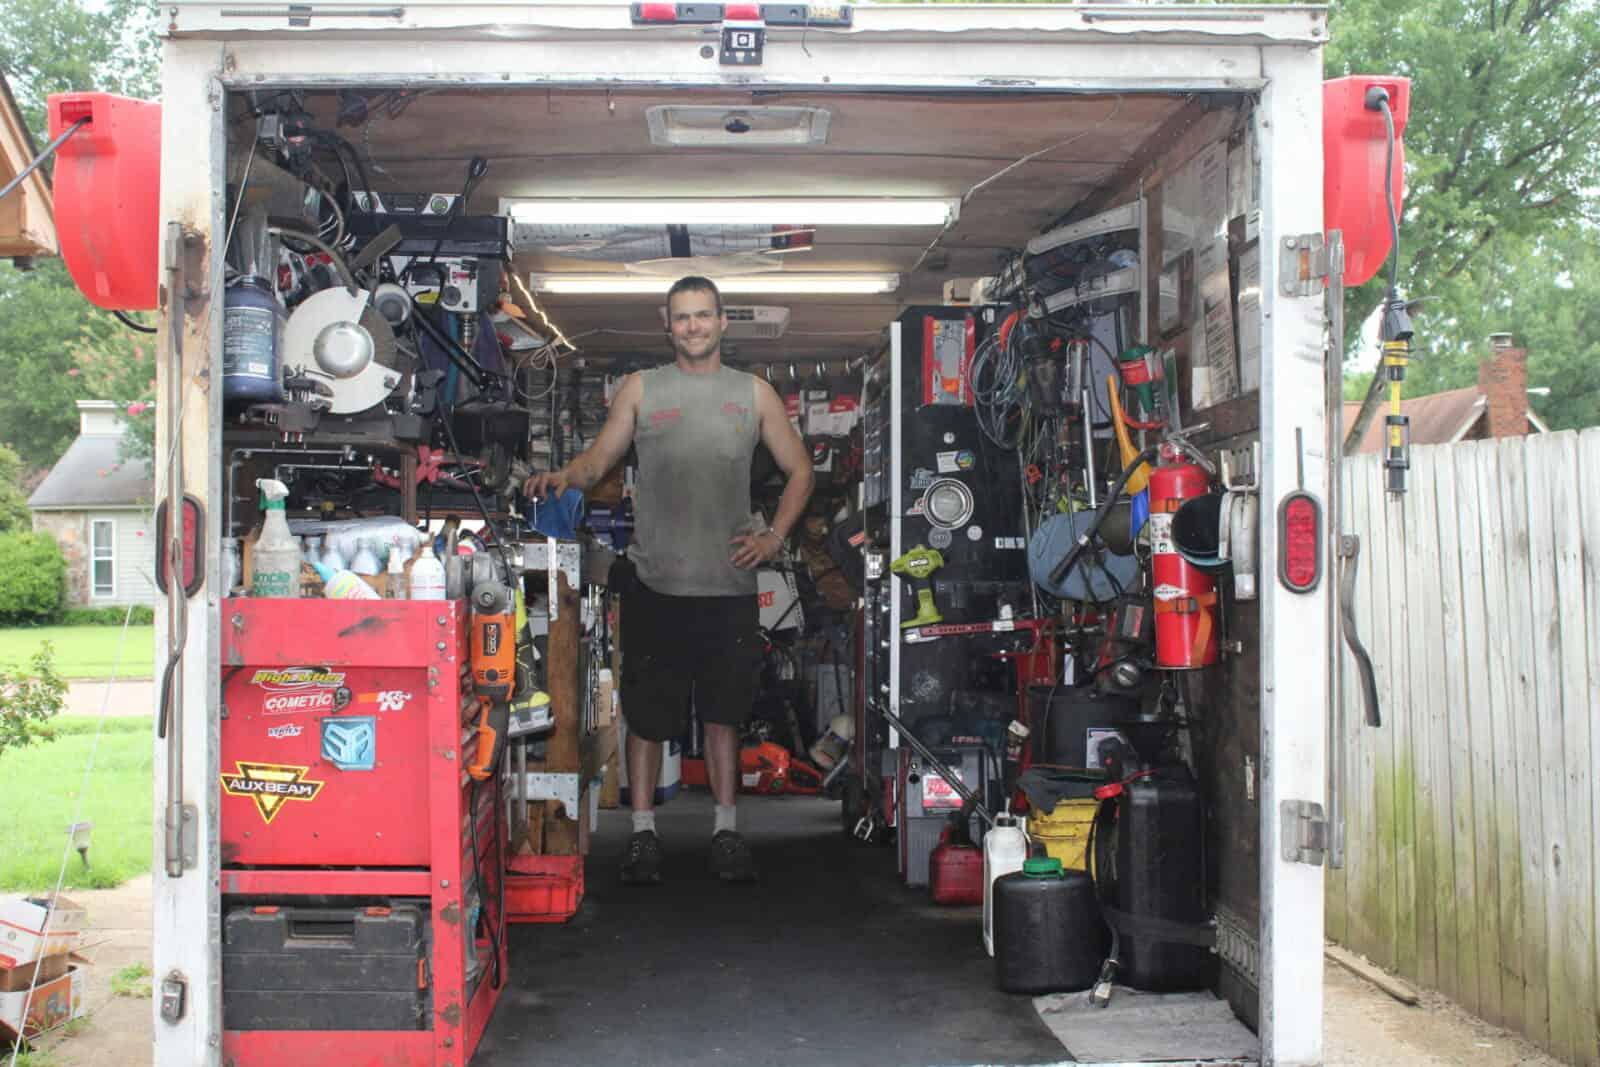 Lawn Mower Repair Service Mobile Mower Mechanic Small